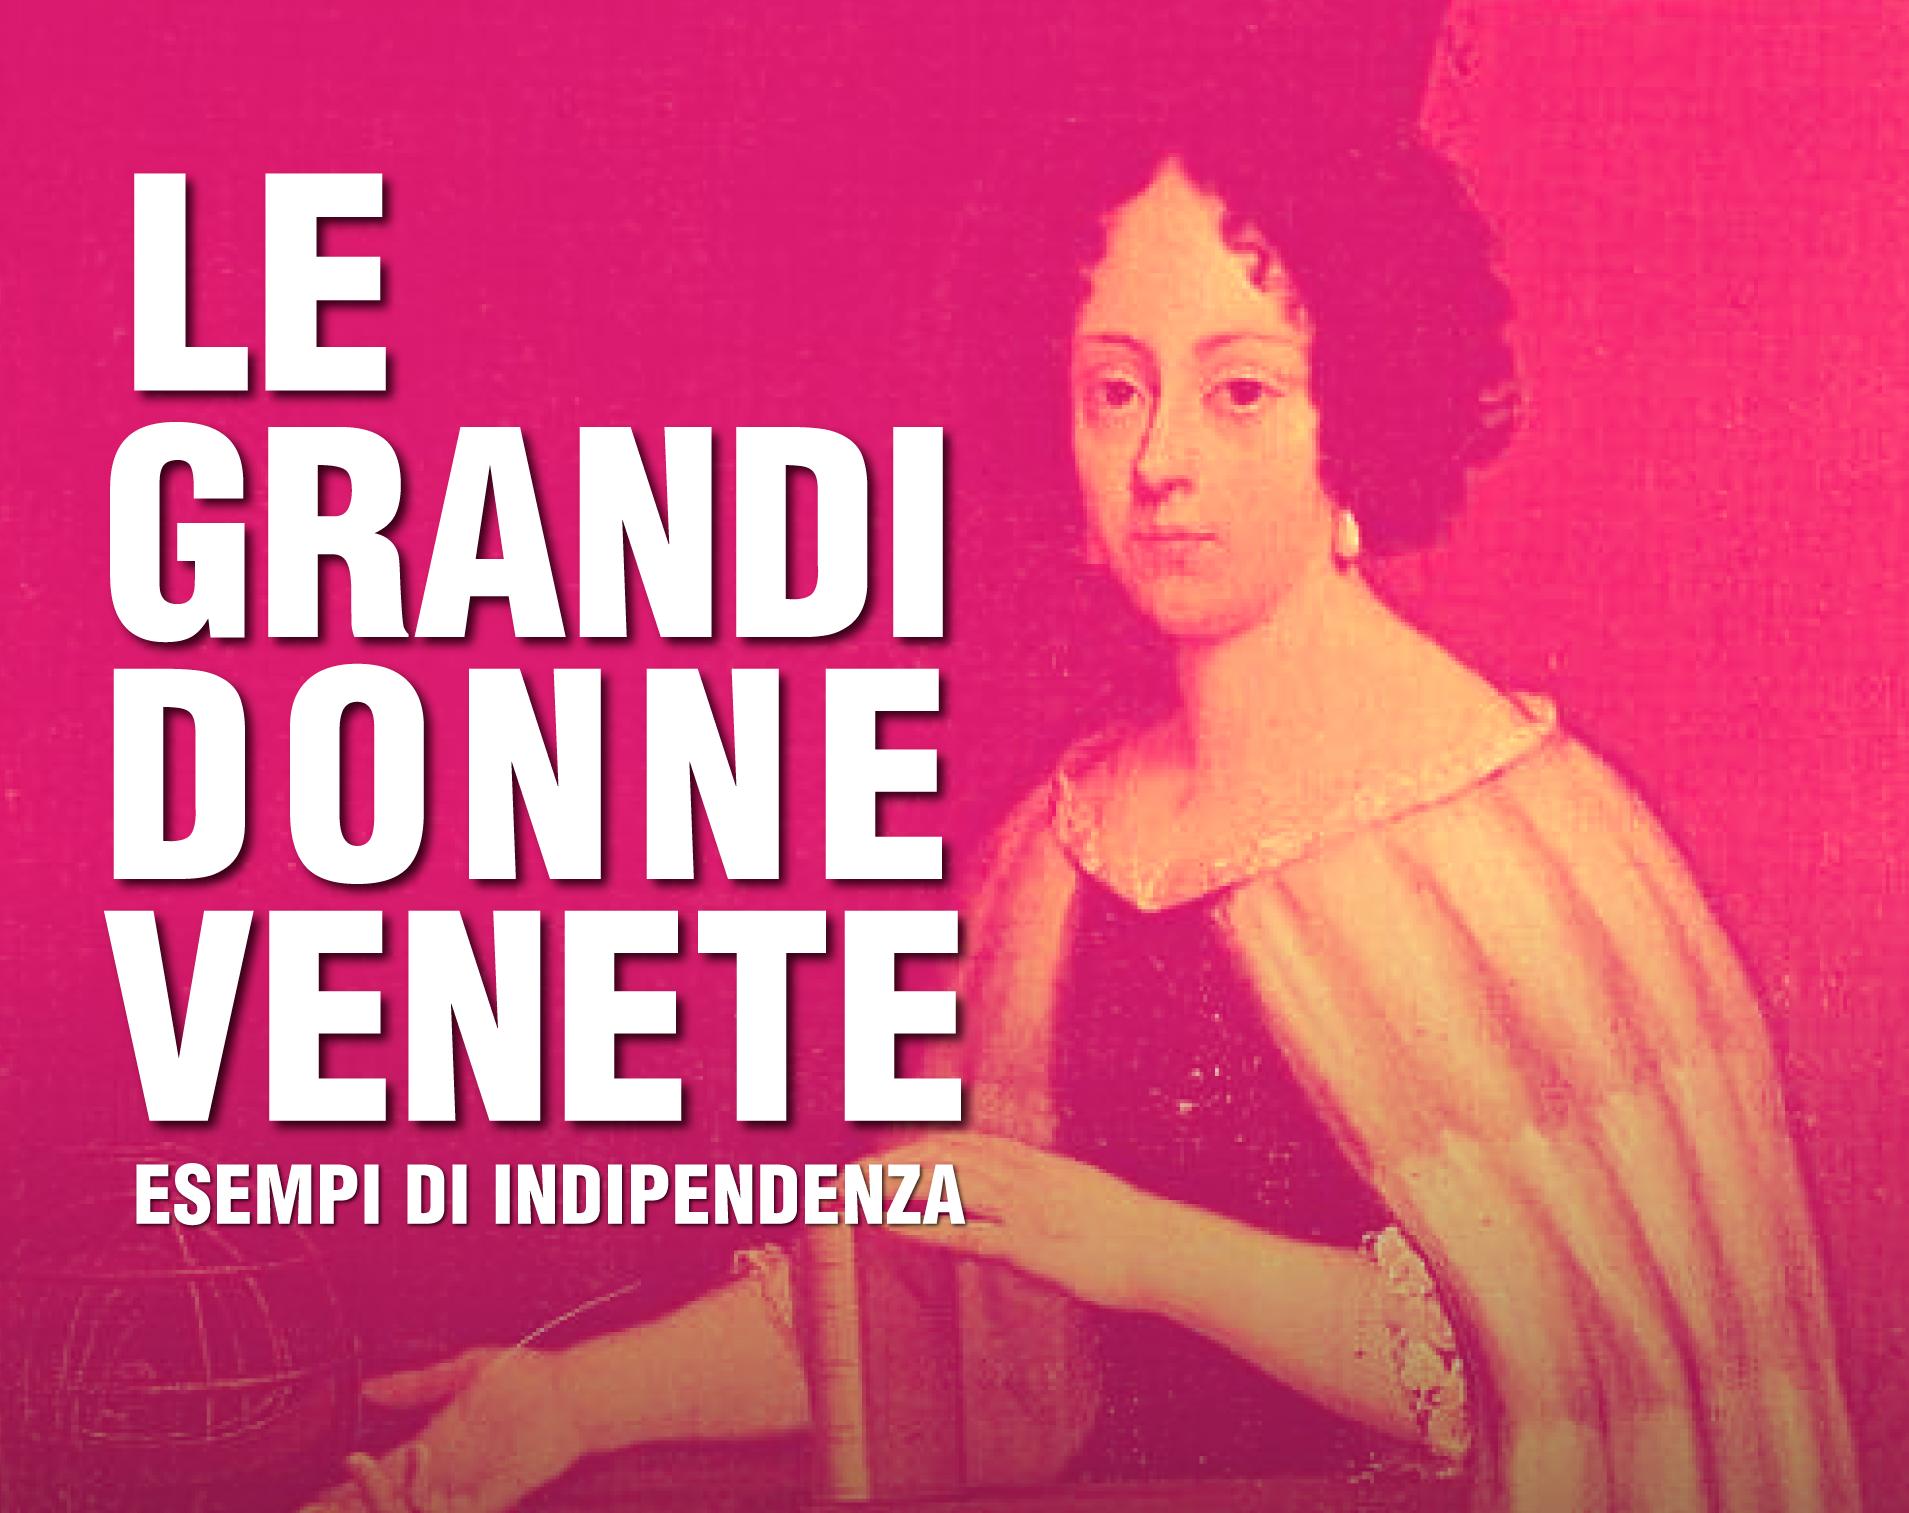 Donne ed emancipazione: esempi di lotta per la parità di genere in Veneto